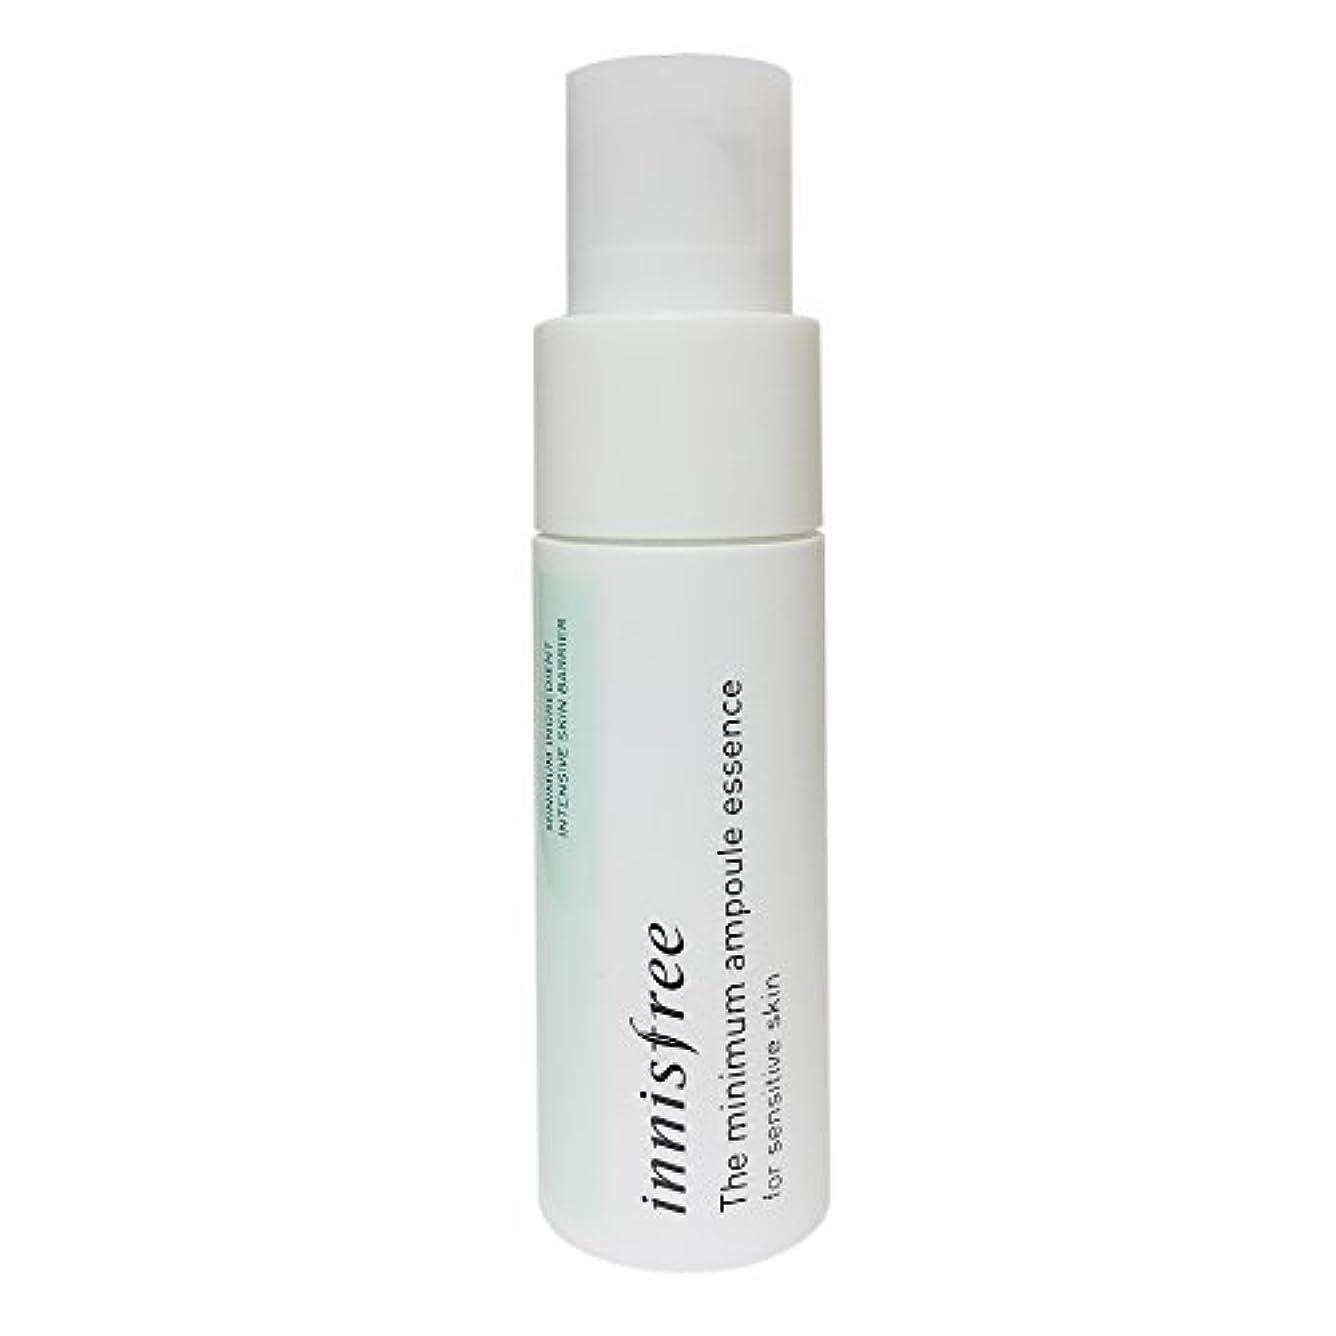 ミント根絶する膨らませるイニスフリー Innisfree ザミニマム アンプル エッセンス敏感肌用(30ml) Innisfree The Minimum Ampoule Essence For Sensitive Skin(30ml) [海外直送品]